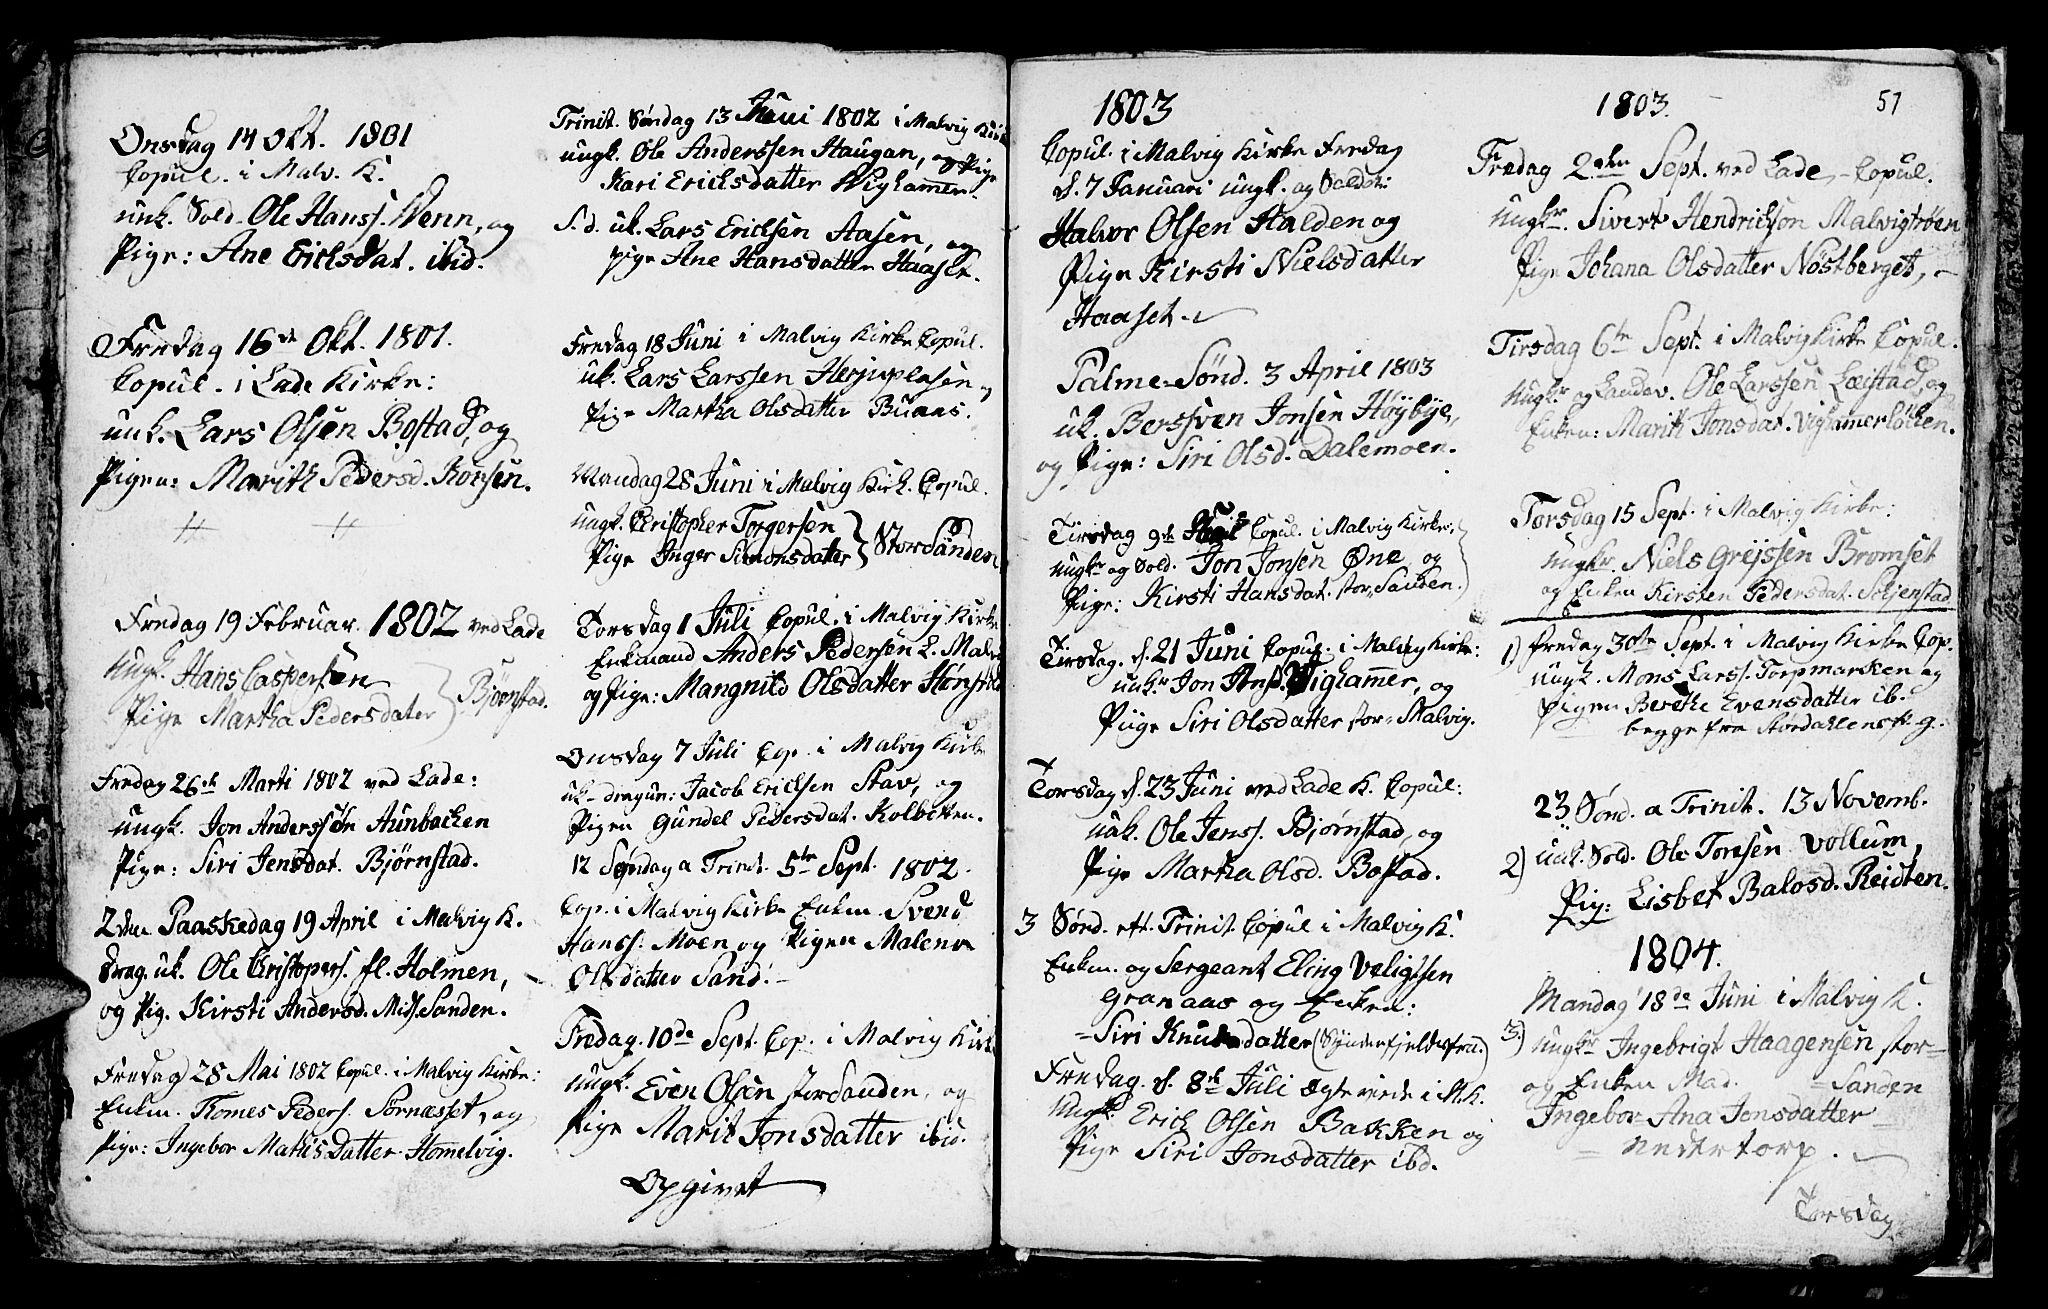 SAT, Ministerialprotokoller, klokkerbøker og fødselsregistre - Sør-Trøndelag, 616/L0419: Klokkerbok nr. 616C02, 1797-1816, s. 57